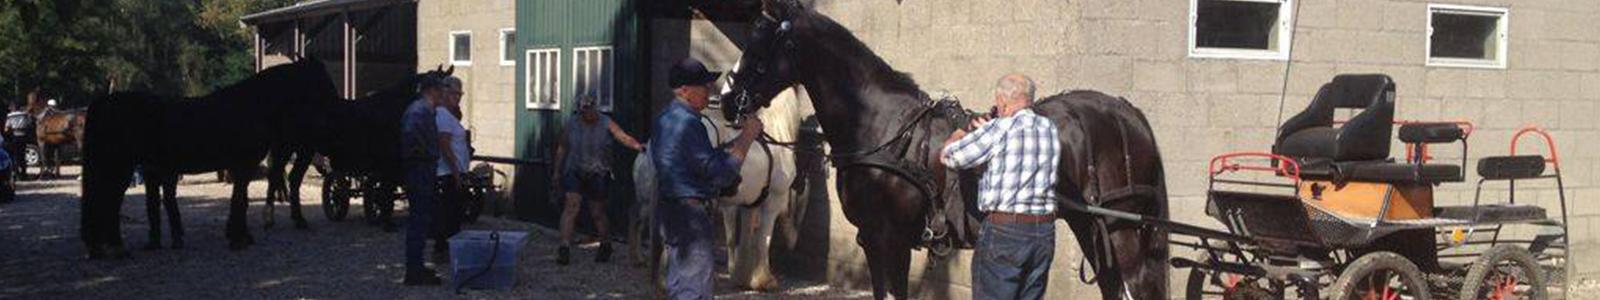 beukenhof-paarden3